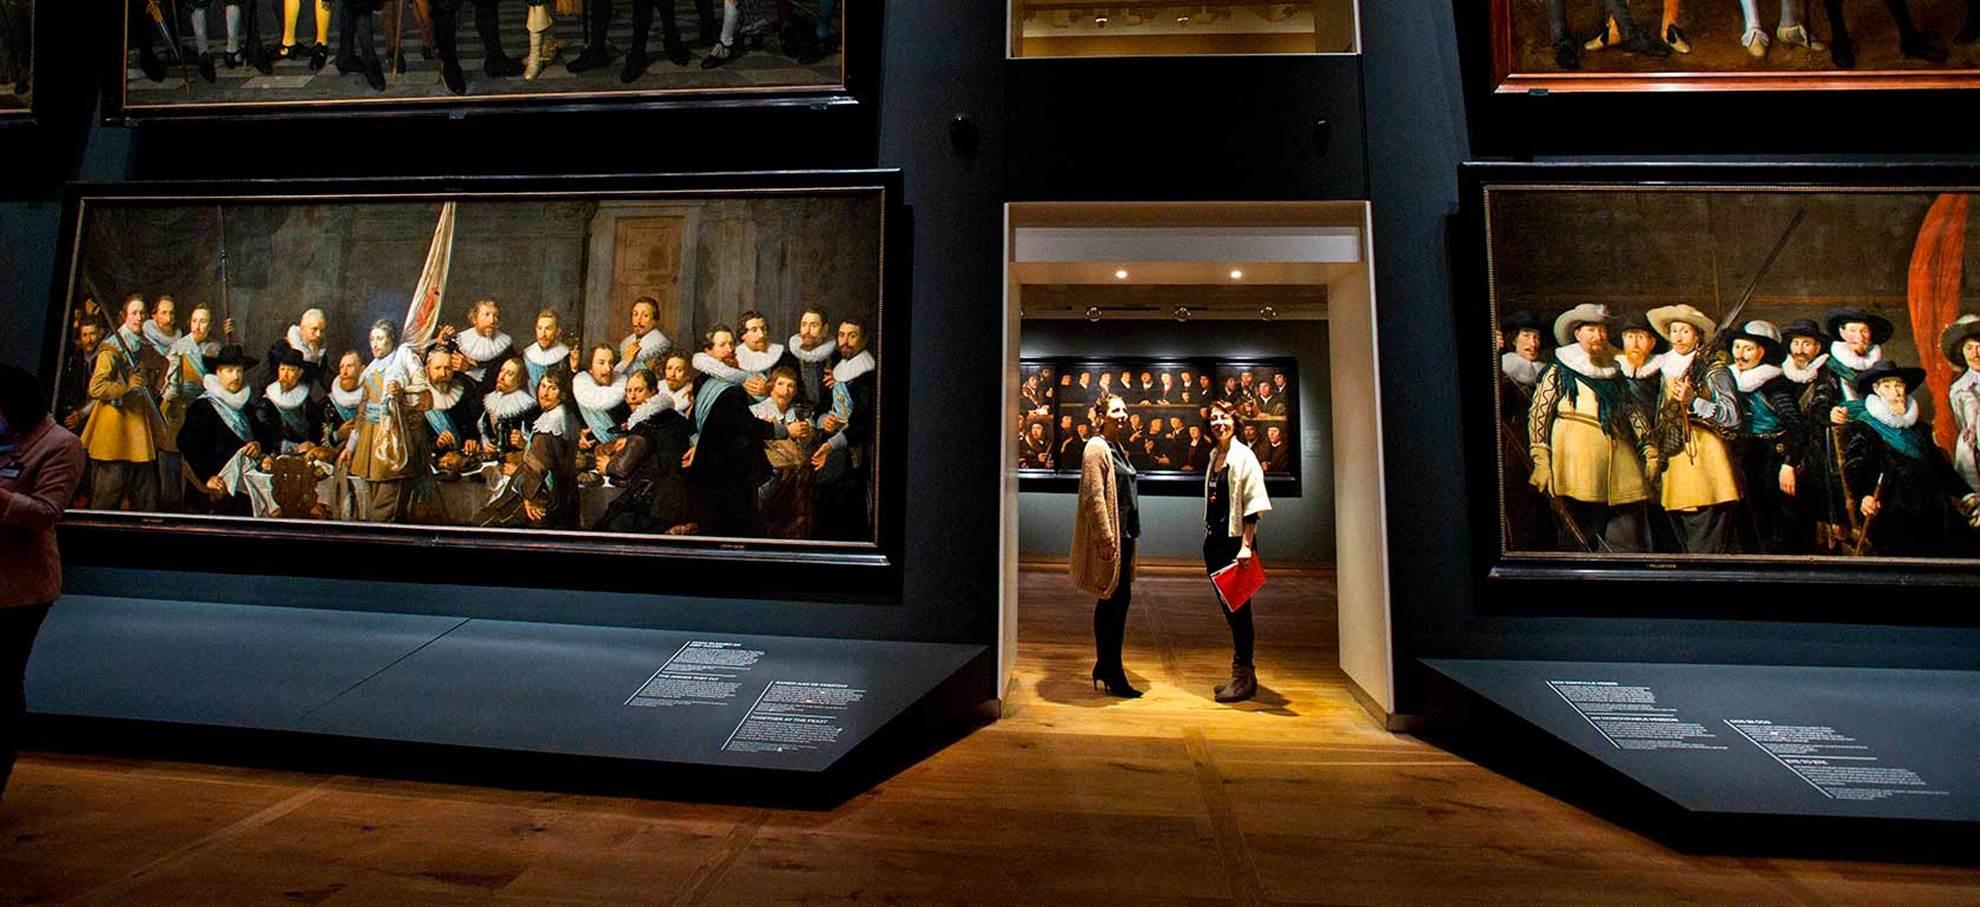 Galería de Retratos de la Edad de Oro